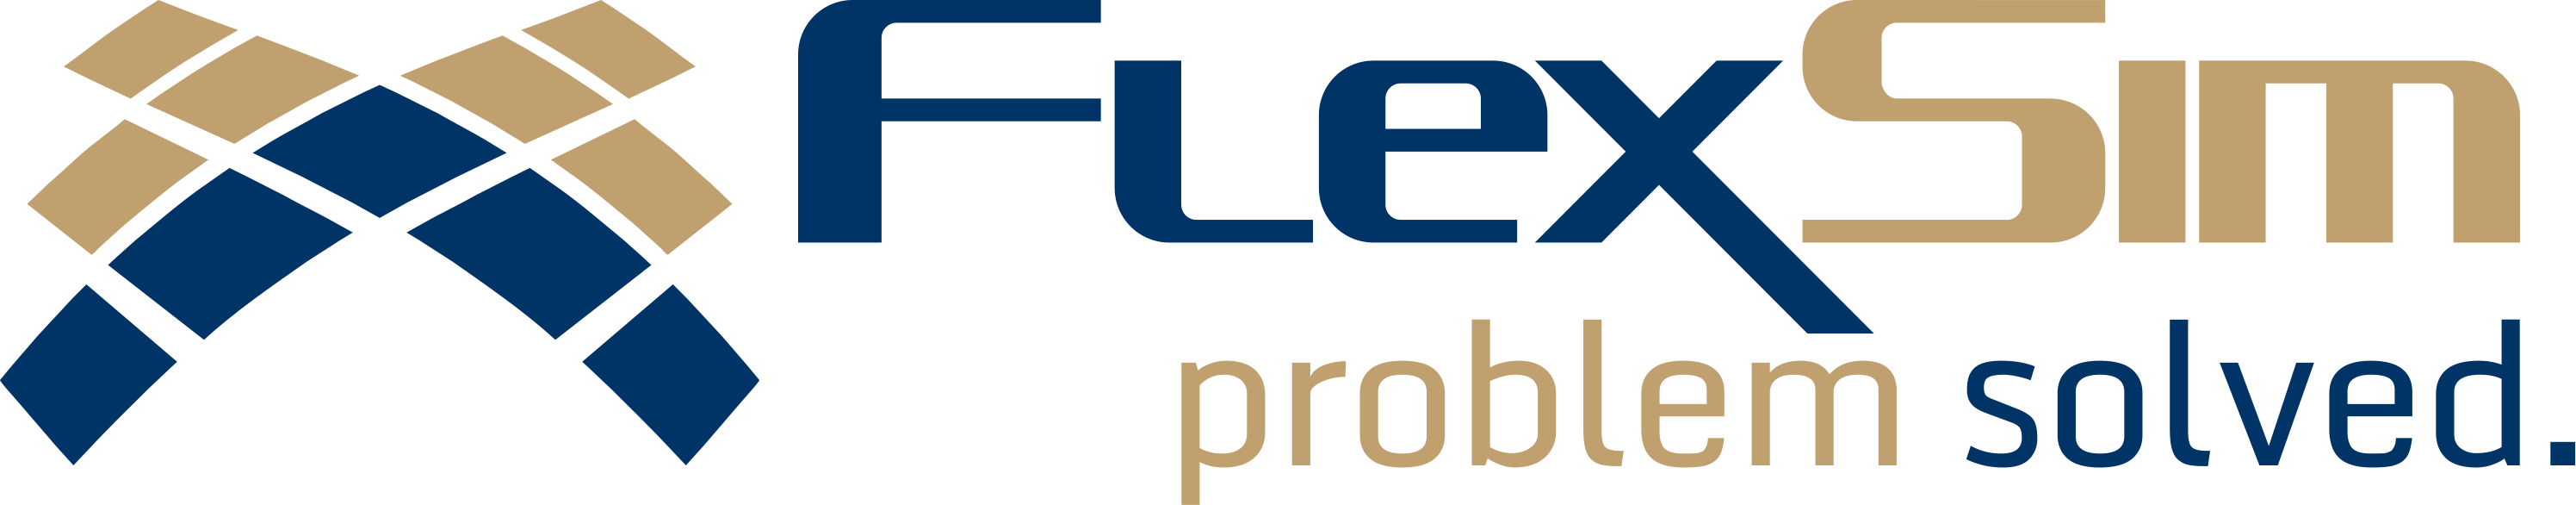 bannerLogo_problemSolved